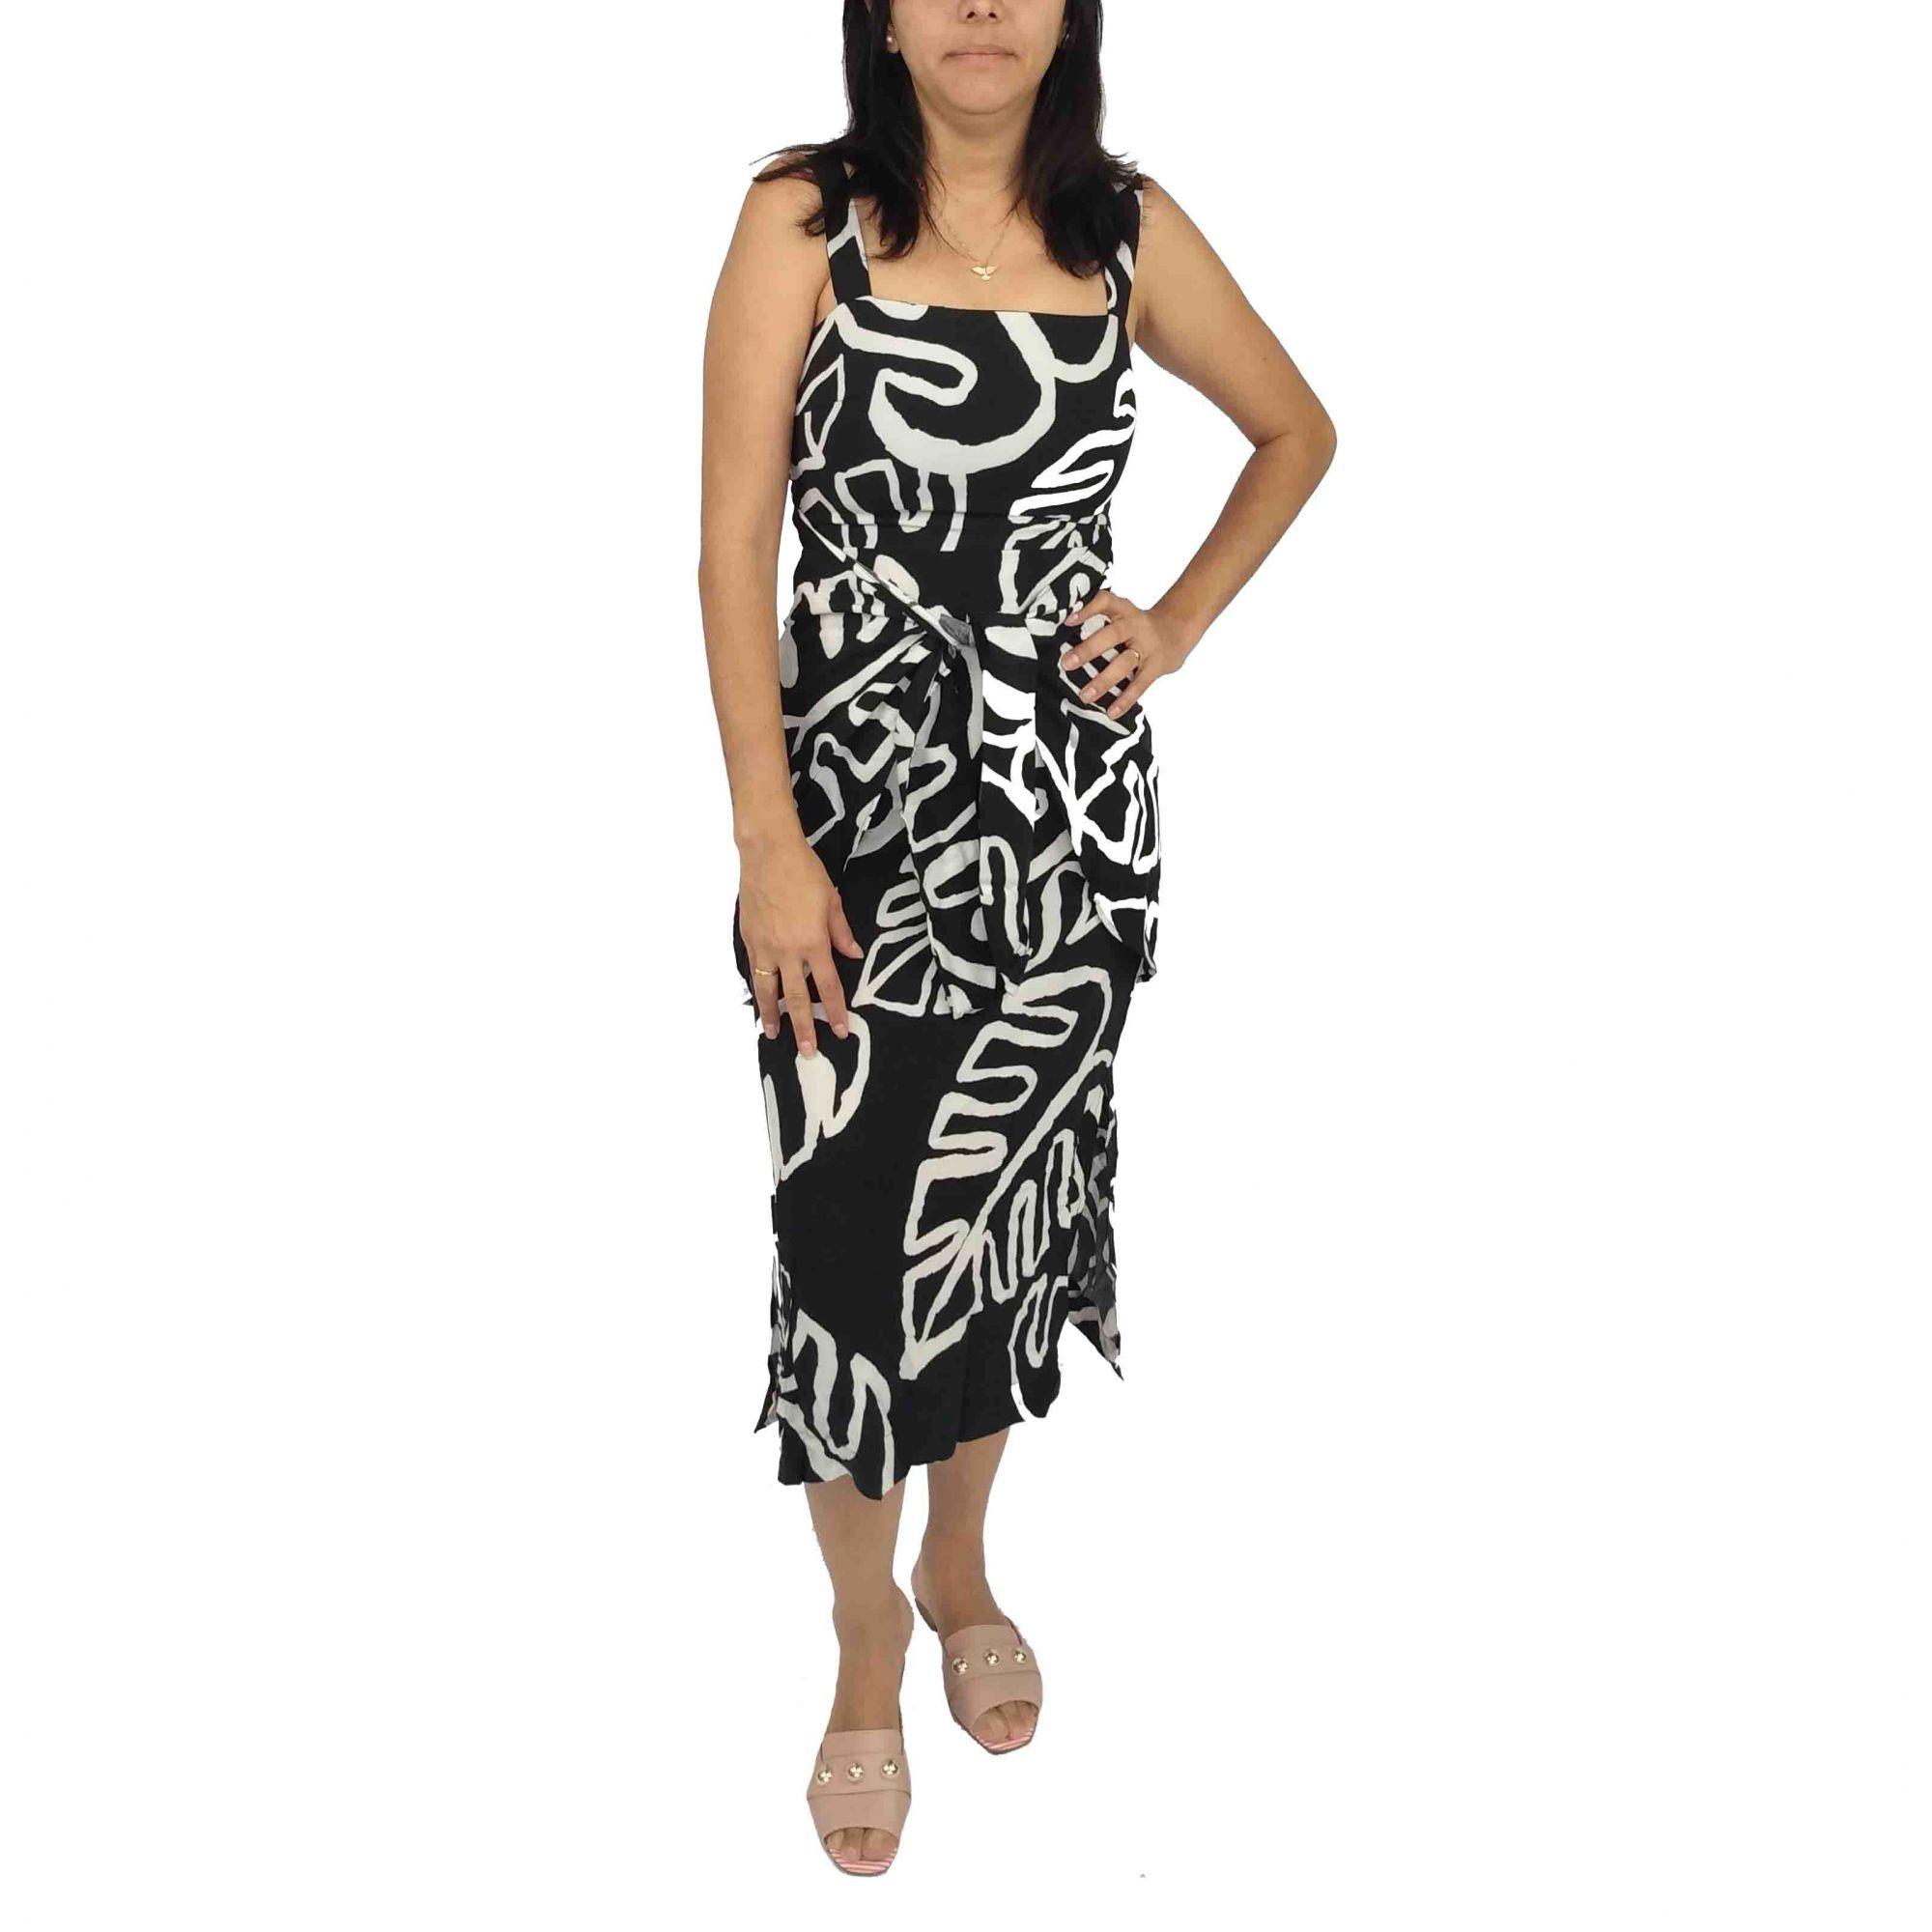 Vestido Farm Feminino Folhas Preto e Branco